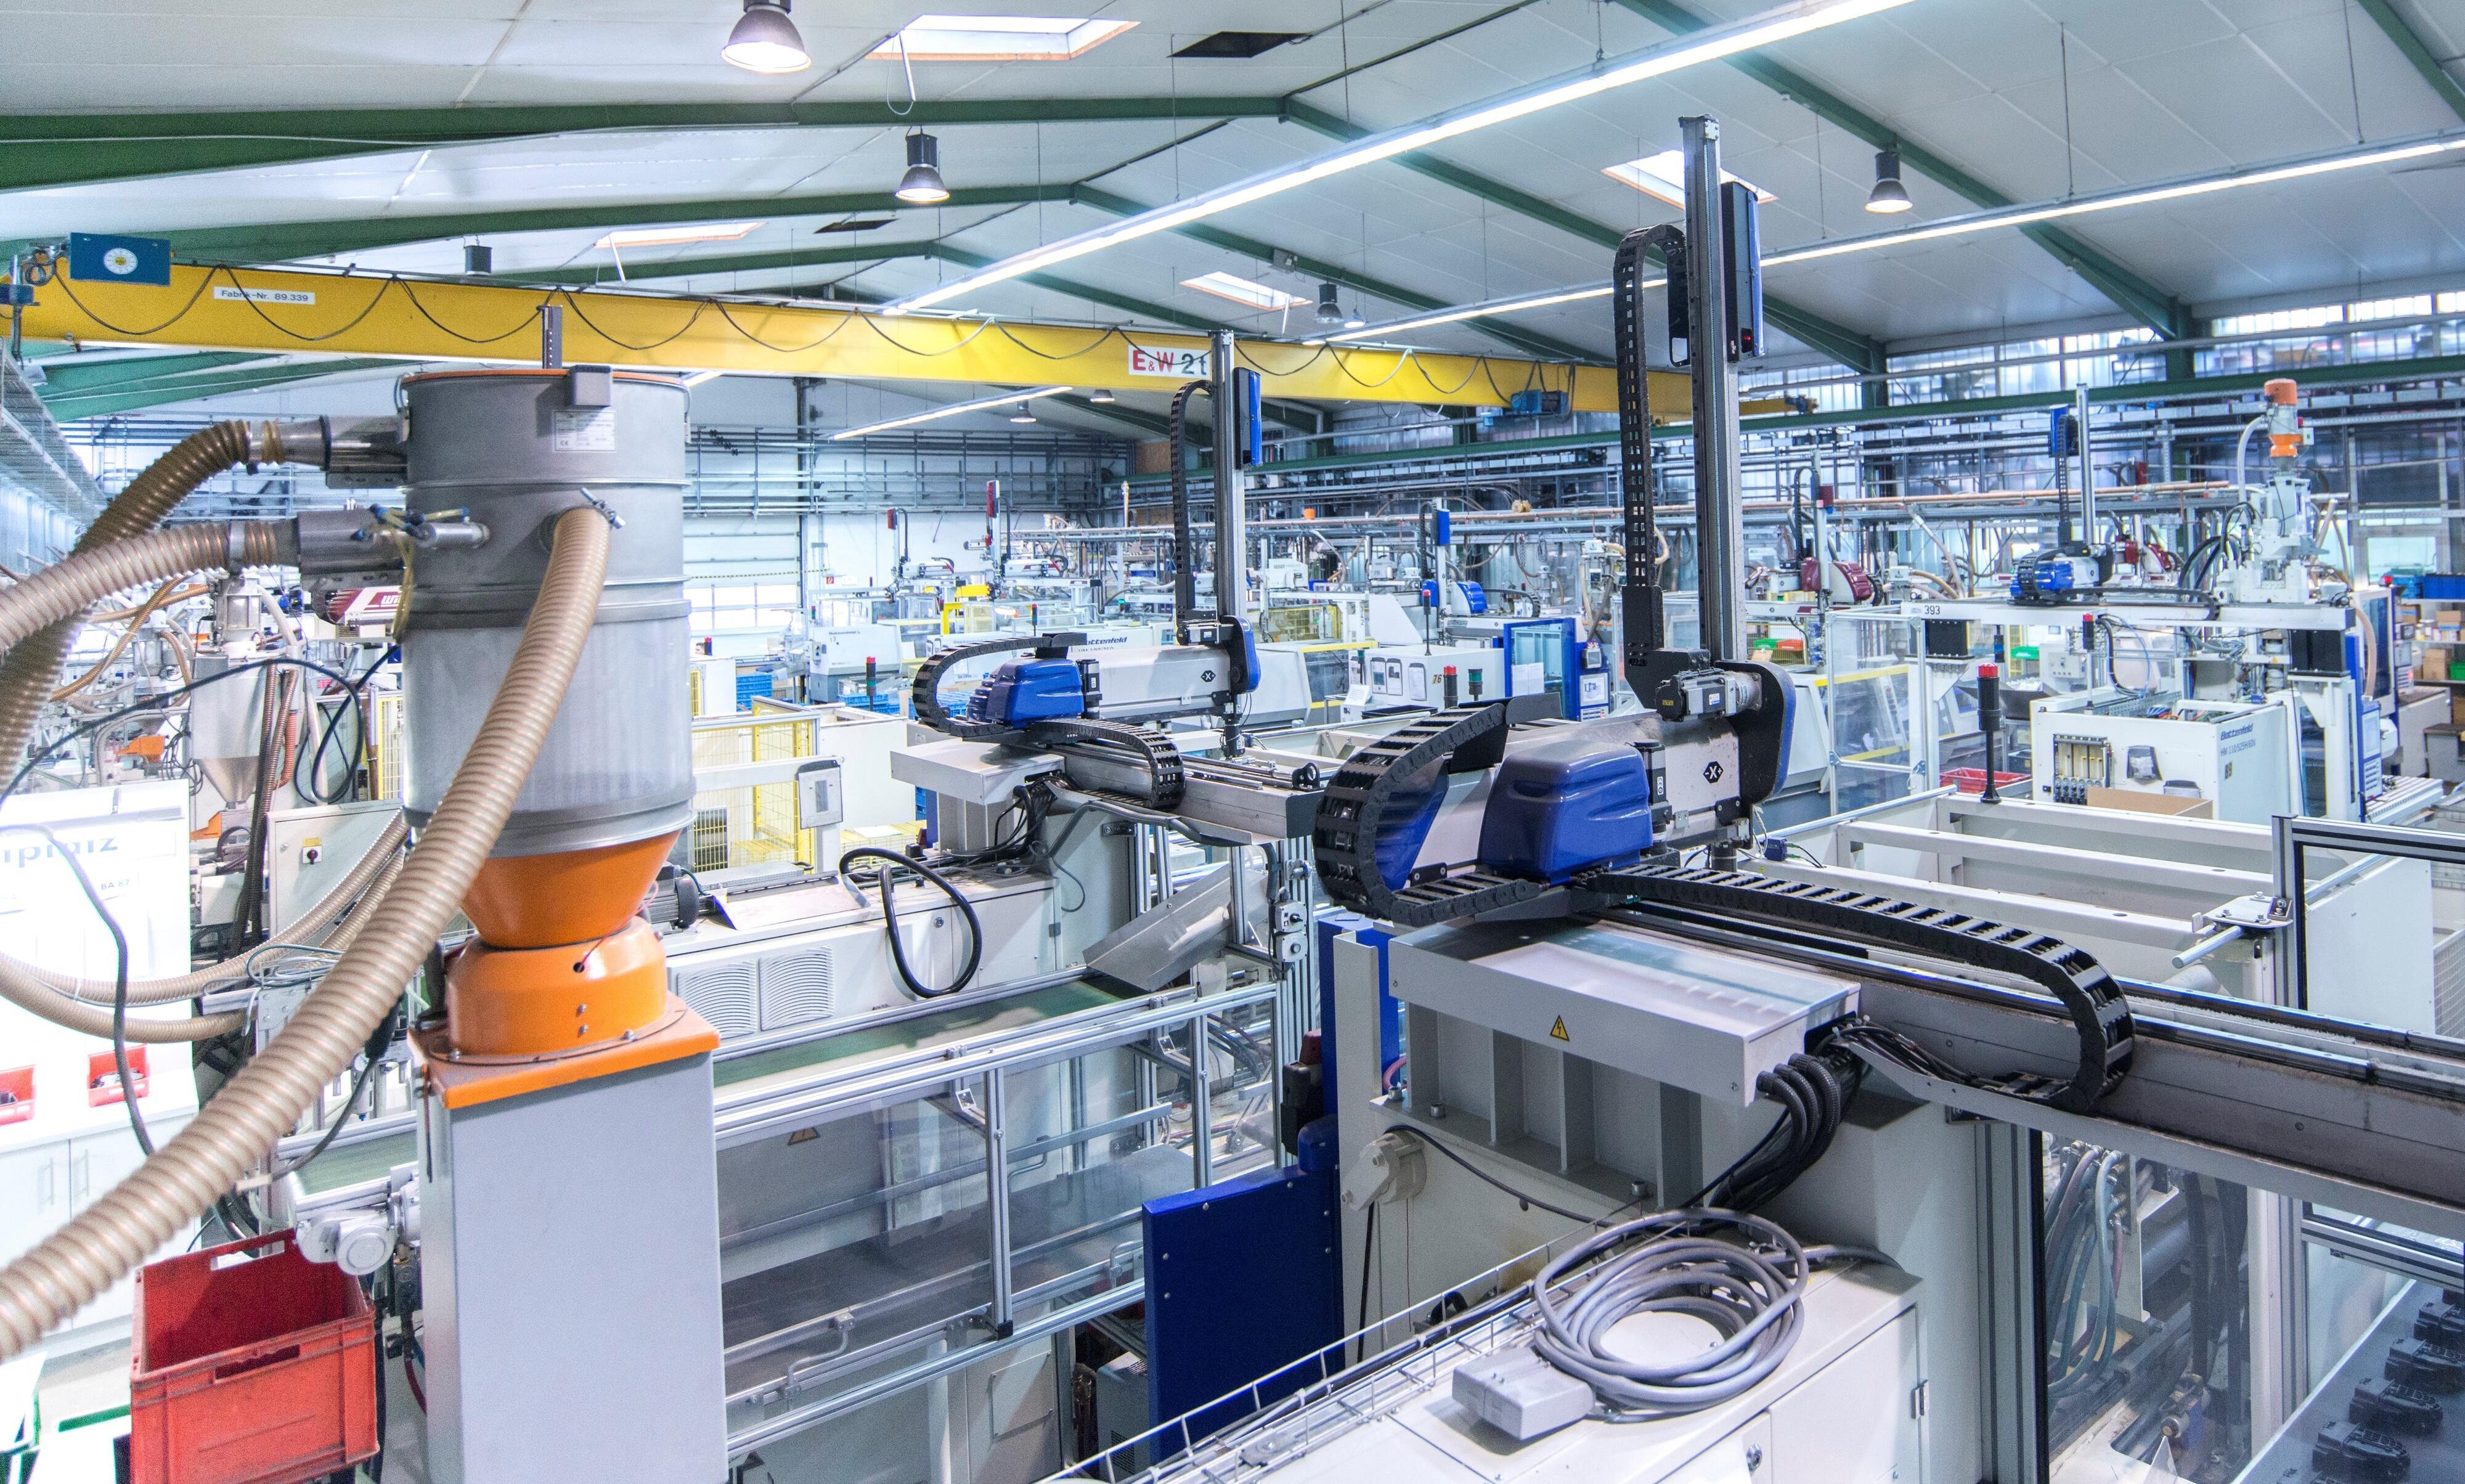 Blick in die Produktion: In der Halle 1 in Steinfeld werden im Spritzgussverfahren Automobilteile hergestellt. Foto: Müller